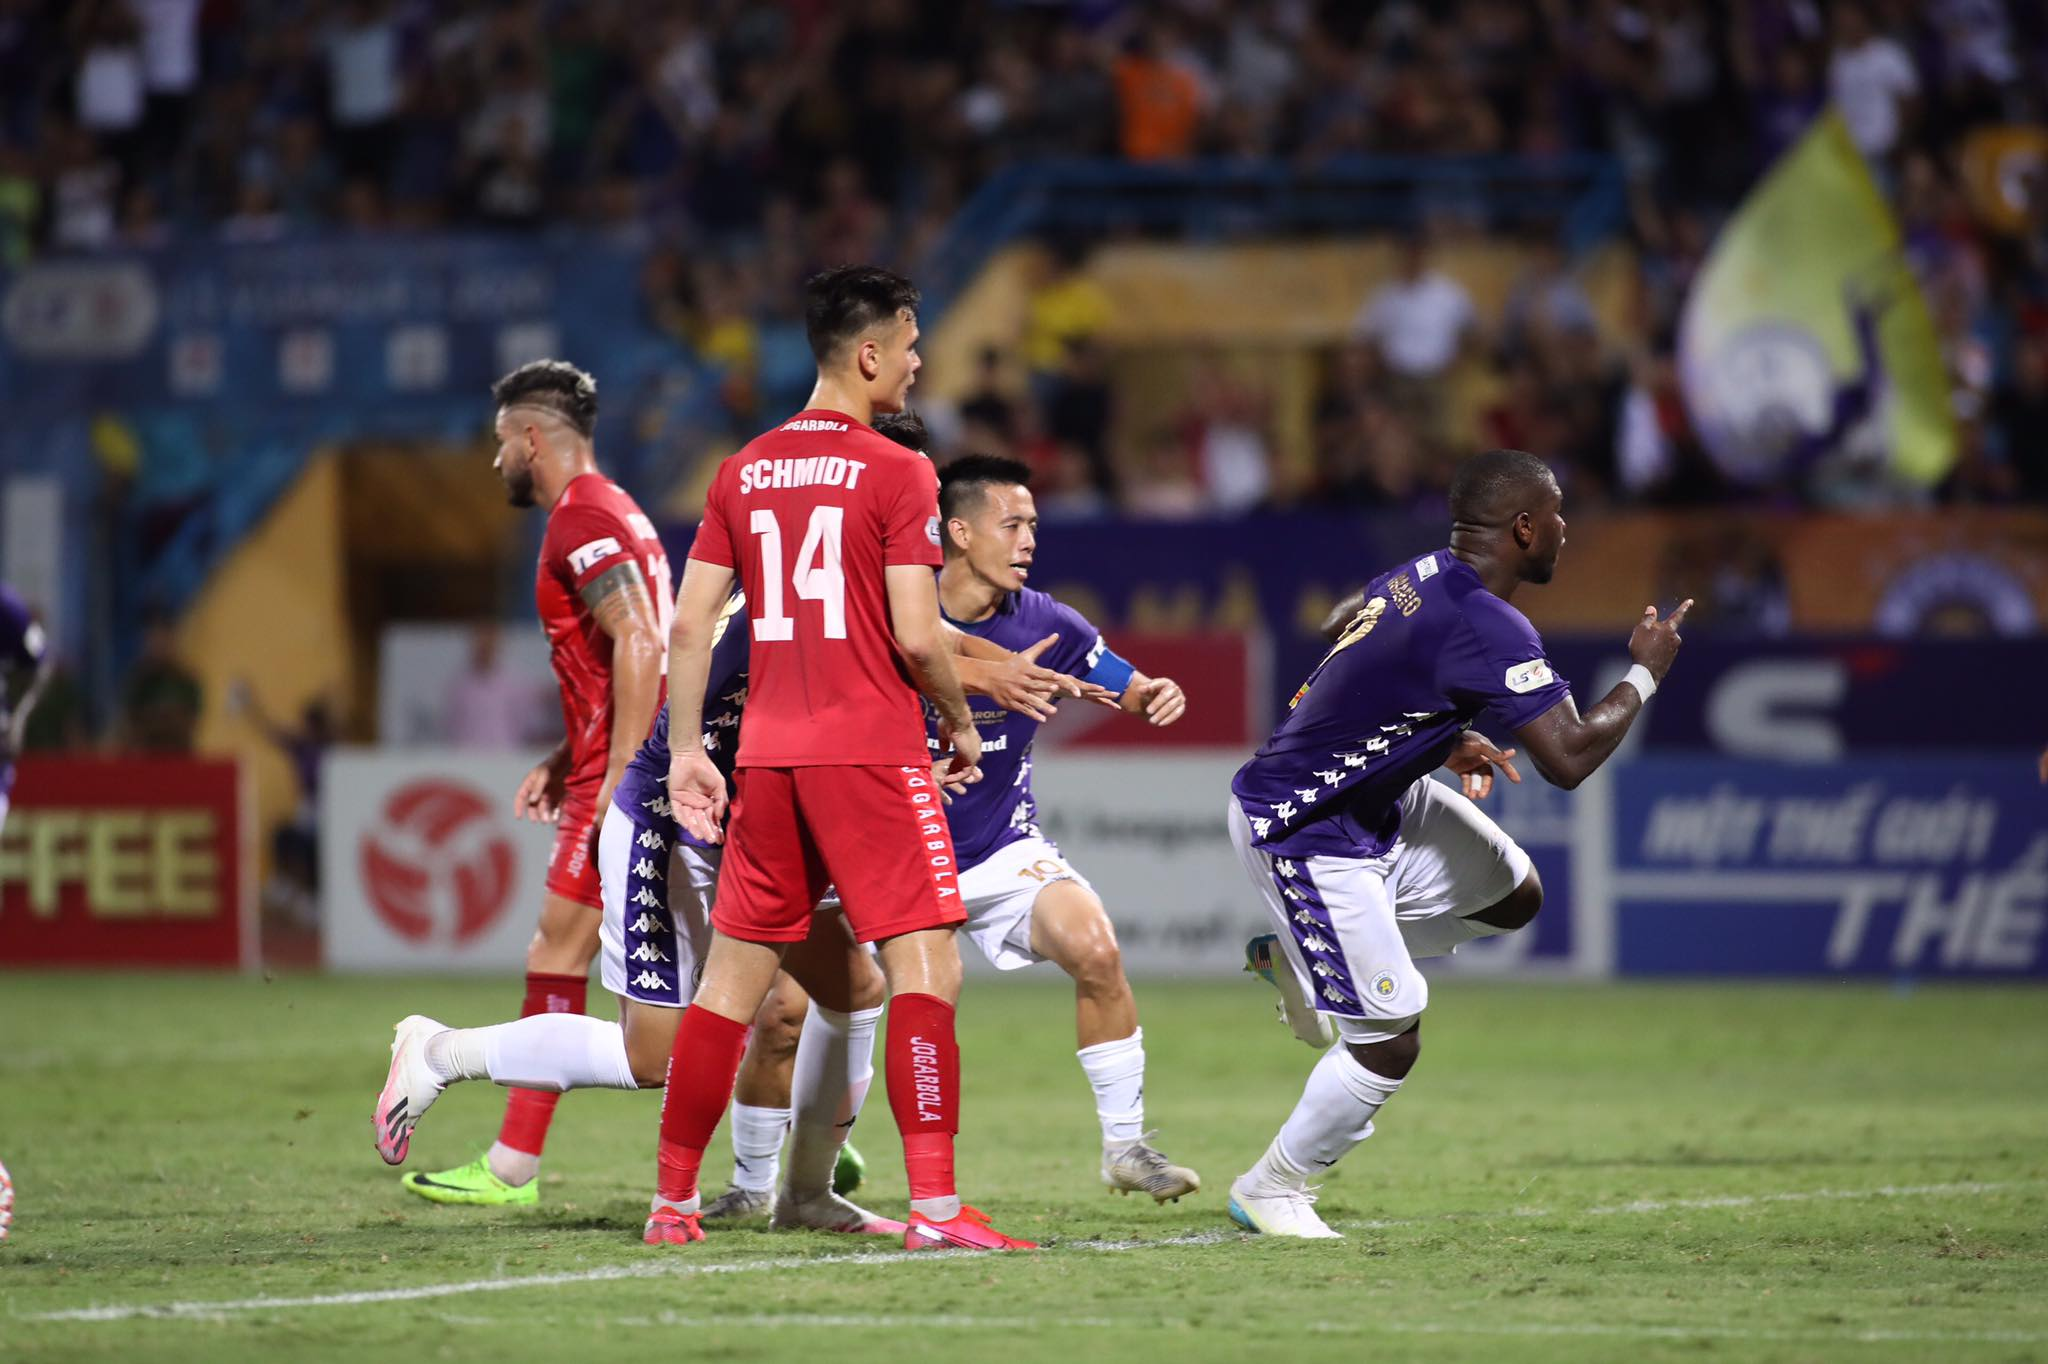 Rimario góp công lớn trong bàn thắng mở tỷ số của Hà Nội - Ảnh: Phan Tùng